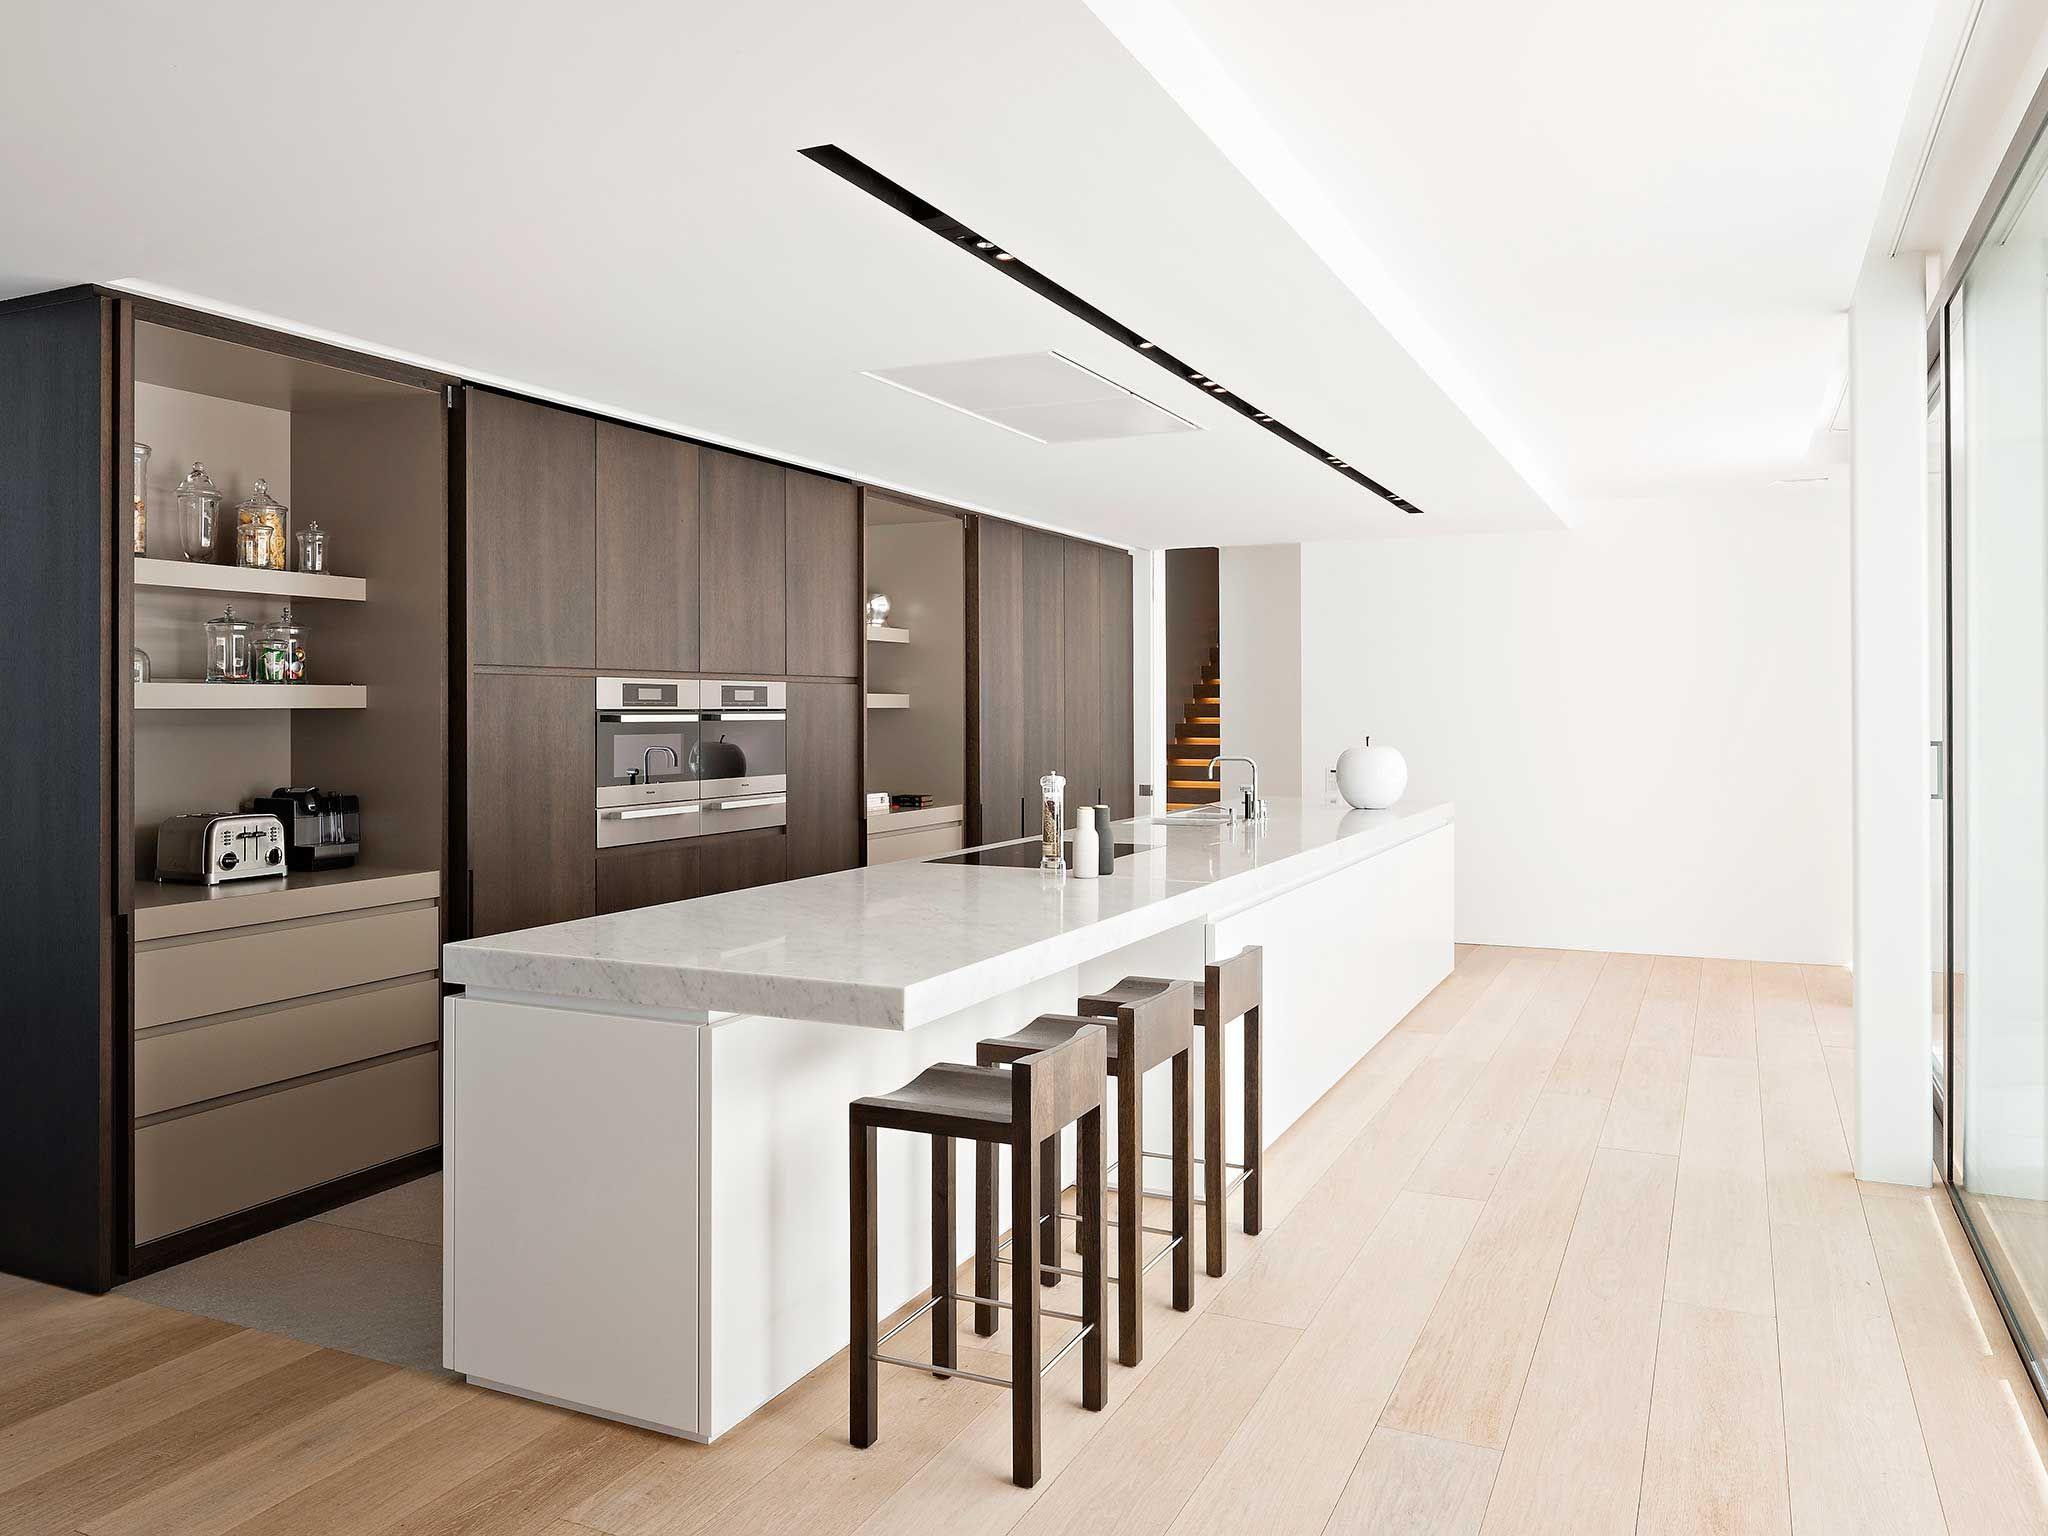 Obumex Kitchen Contemporary Kitchen Design Kitchen Design